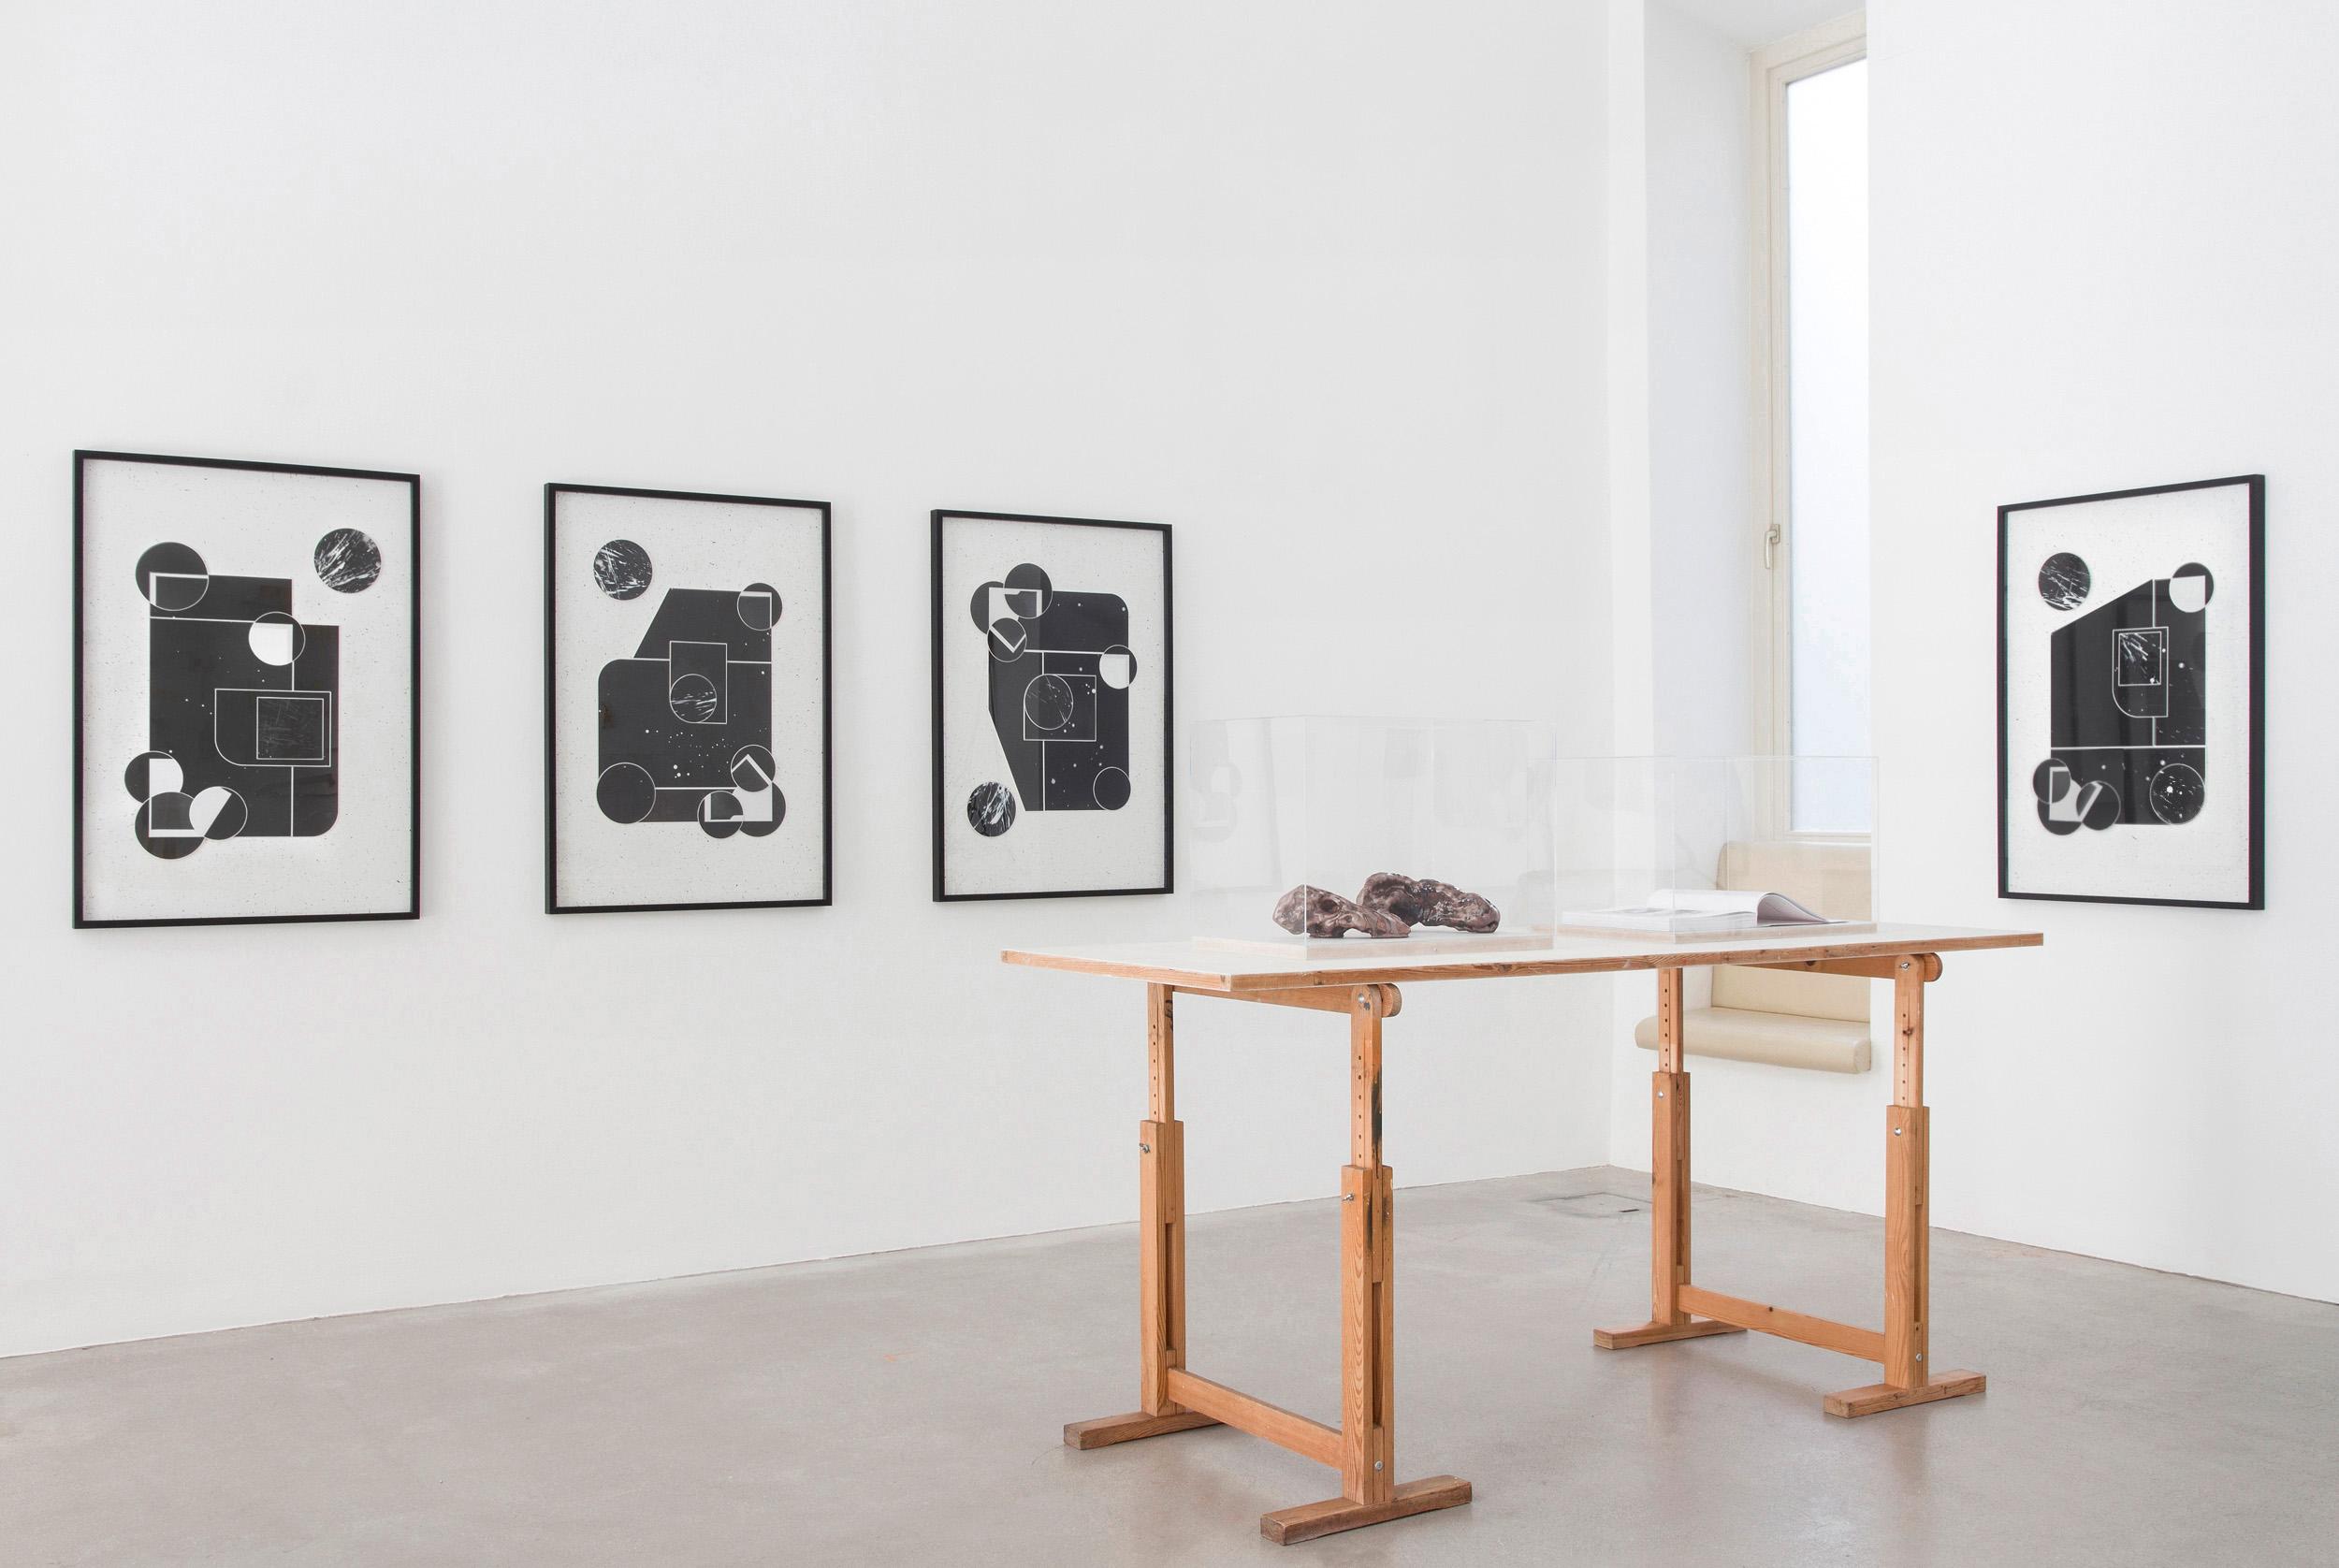 domino exhibition, raum mit licht gallery, online viewing room, platform, munchies art club, vienna